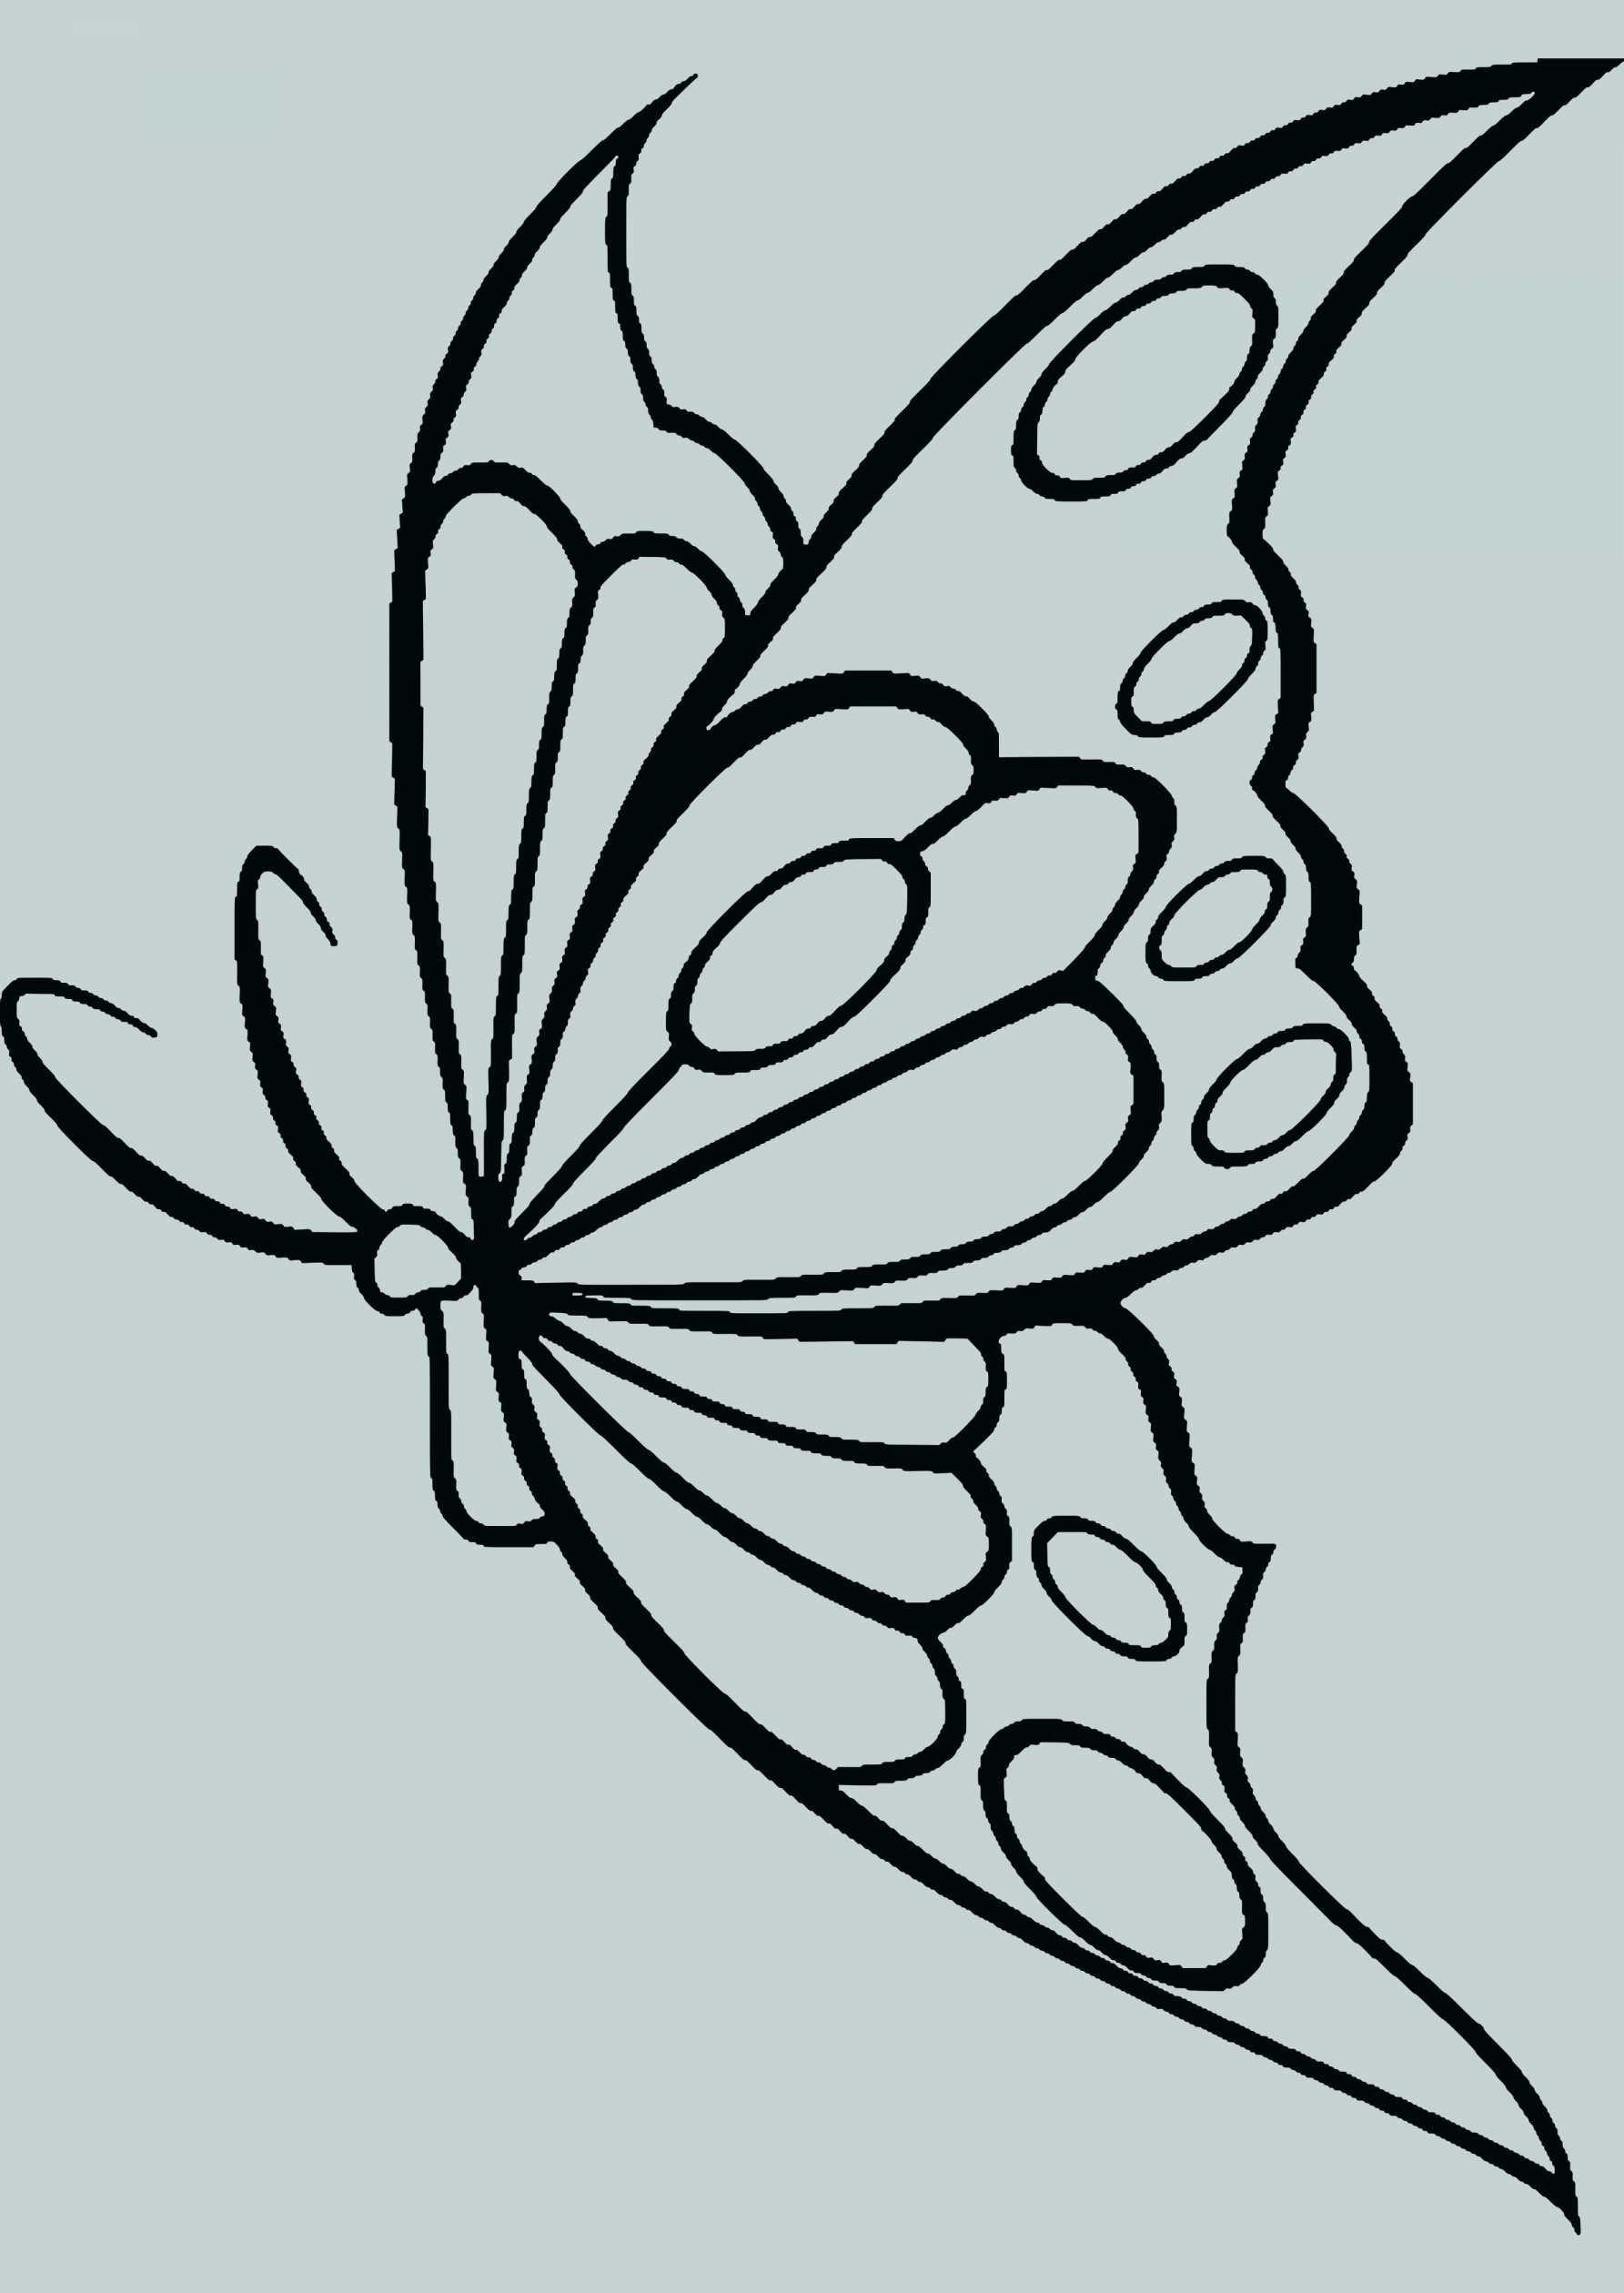 Neu Schmetterling Vorlagen In 2020 | Schmetterling Vorlage bestimmt für Schmetterling Vorlage